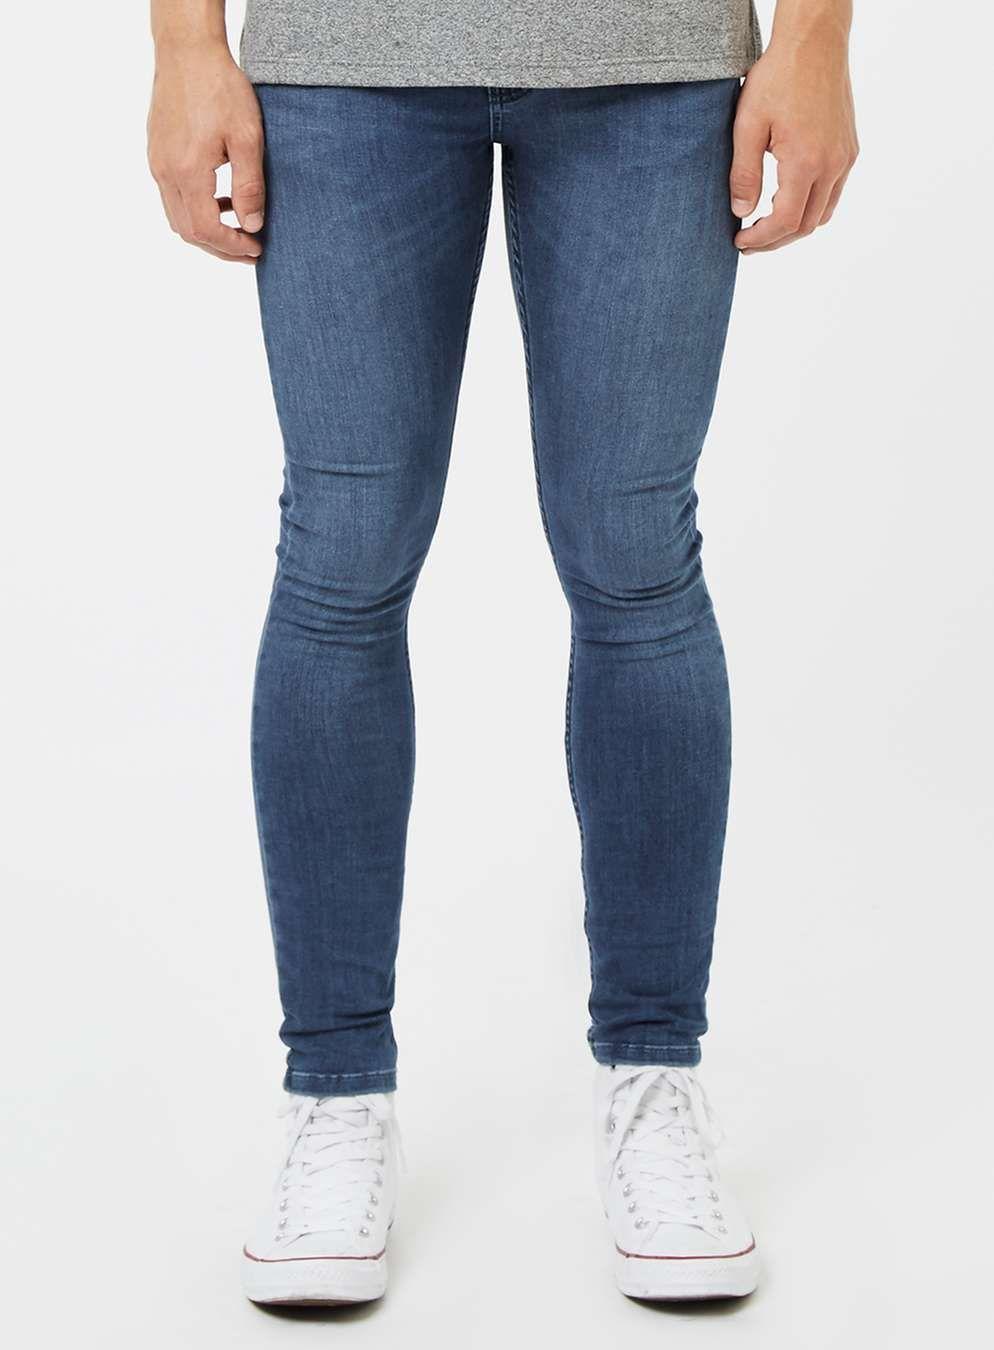 Topman Super Spray On Skinny Jeans Blue Mensjeans Mens Jeans